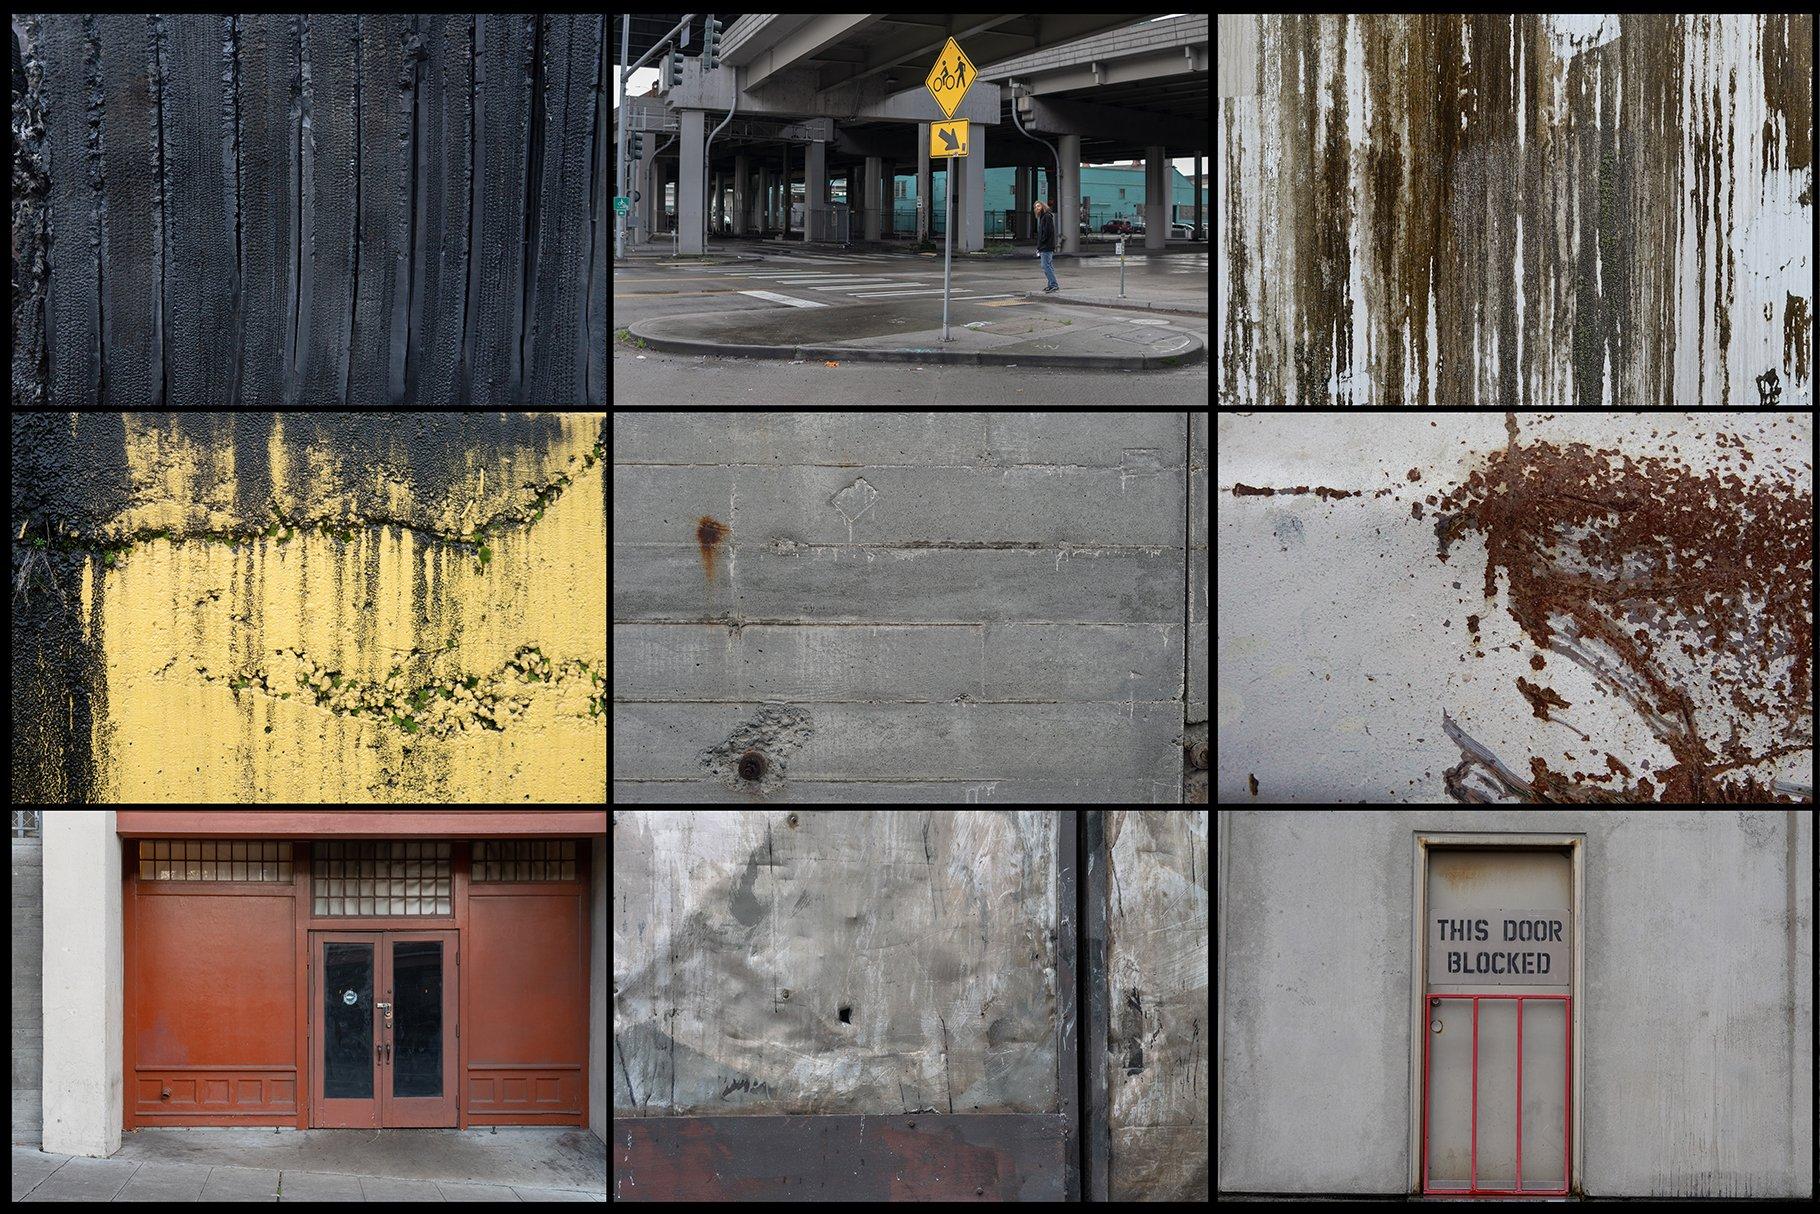 280多款高清锈迹划痕破裂污渍混凝土城市摄影图片背景素材 280 Urban Textures插图(2)